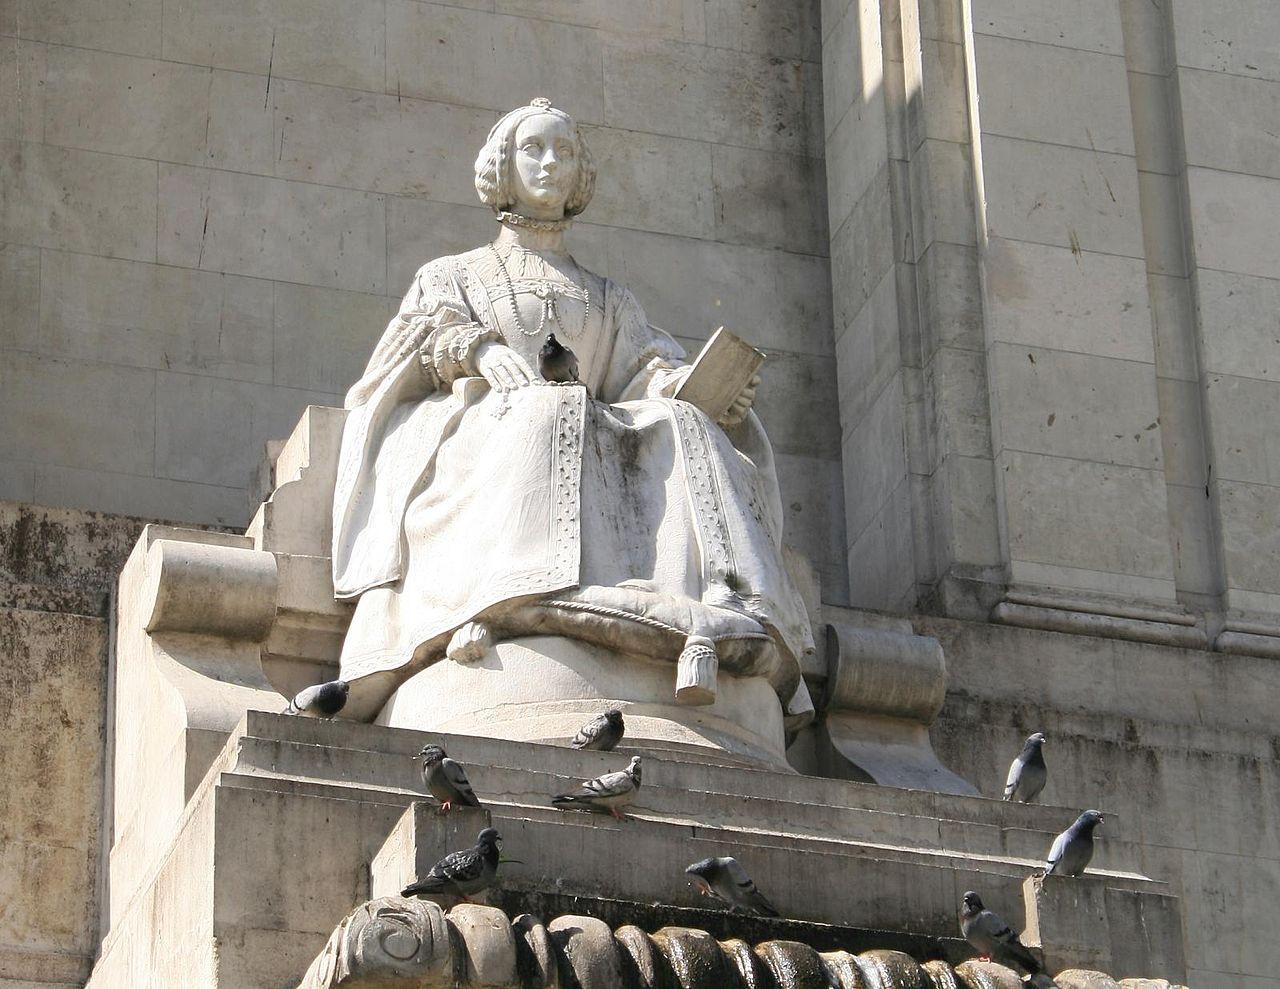 Памятник Мигелю де Сервантесу, статуя королевы Изабеллы Португальской